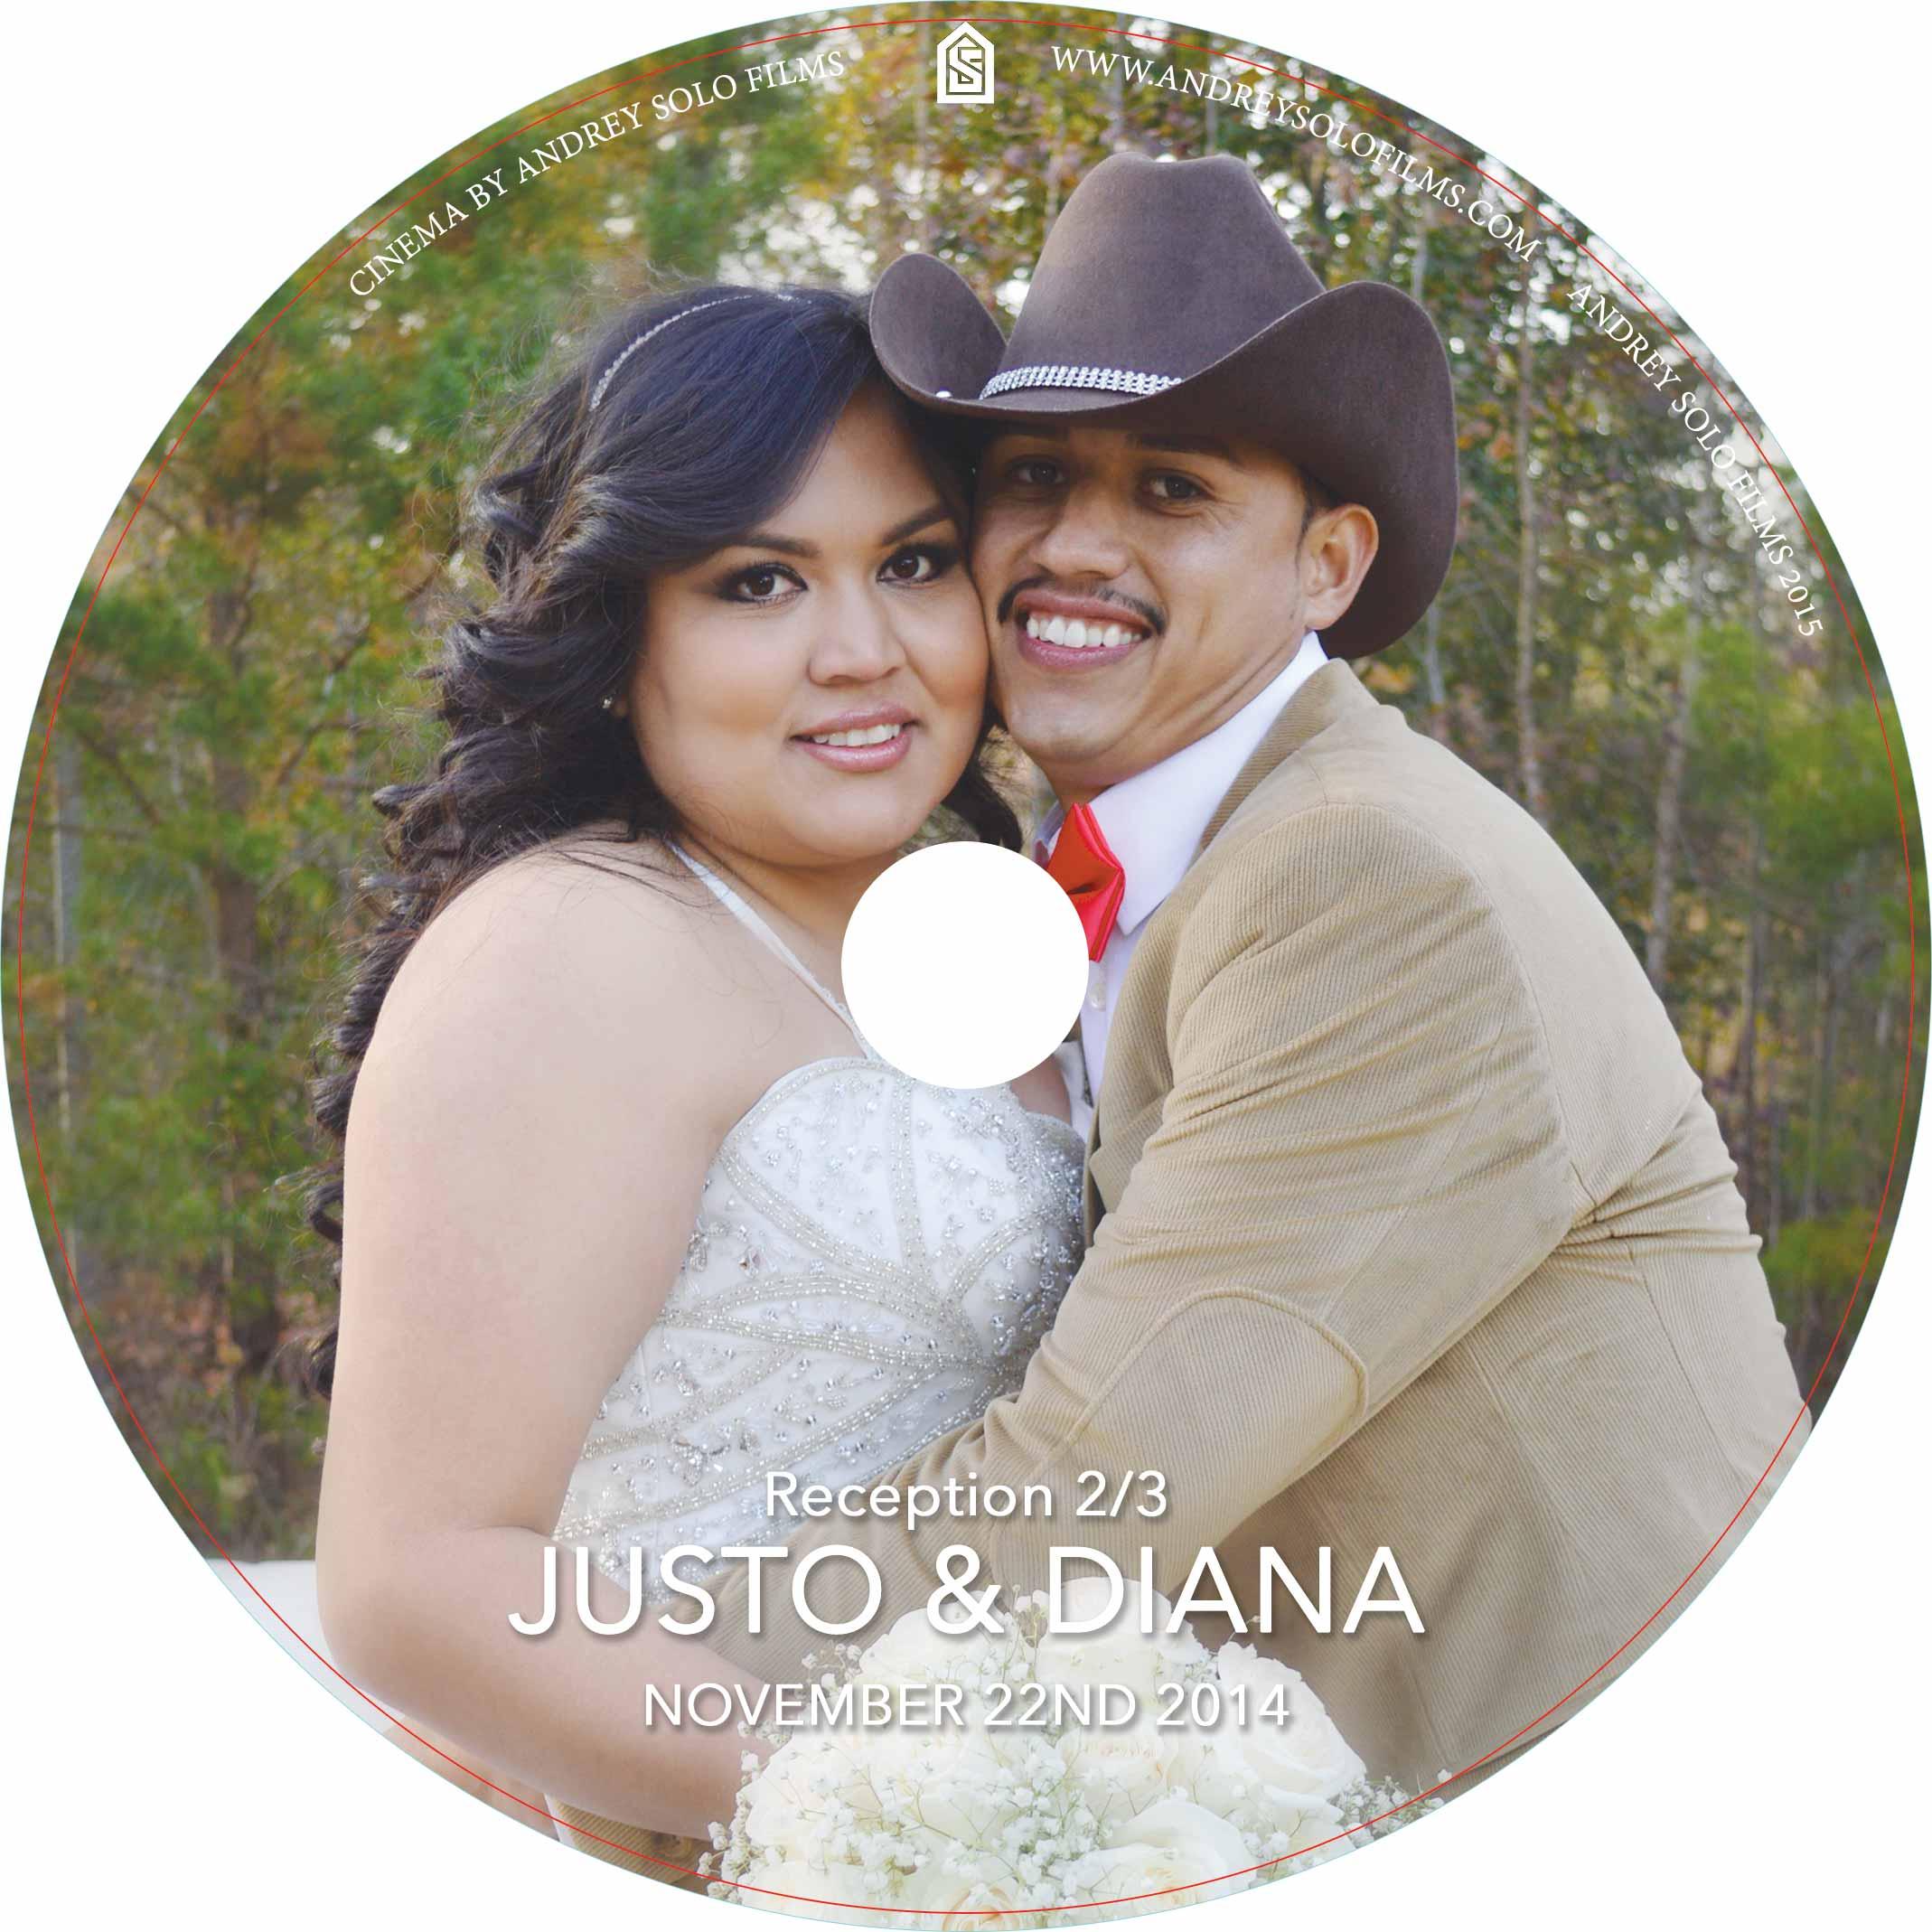 DVD-Disc-Template-2015-Disc-2wtemp.jpg